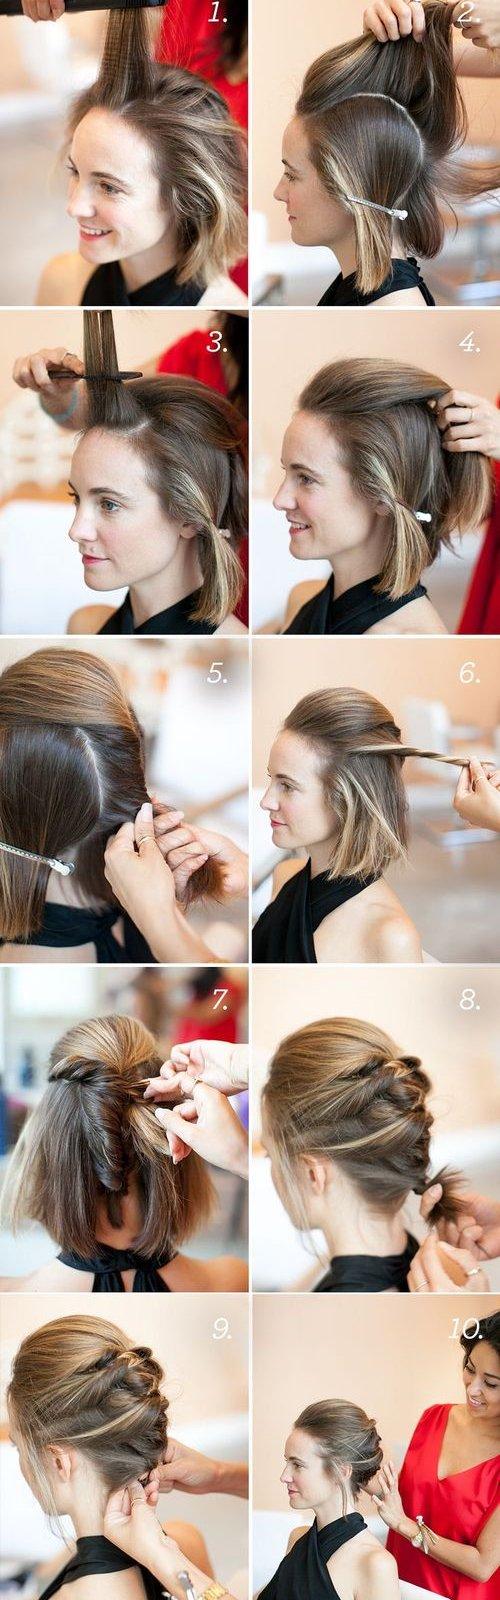 Греческая коса на длинные волосы пошаговая